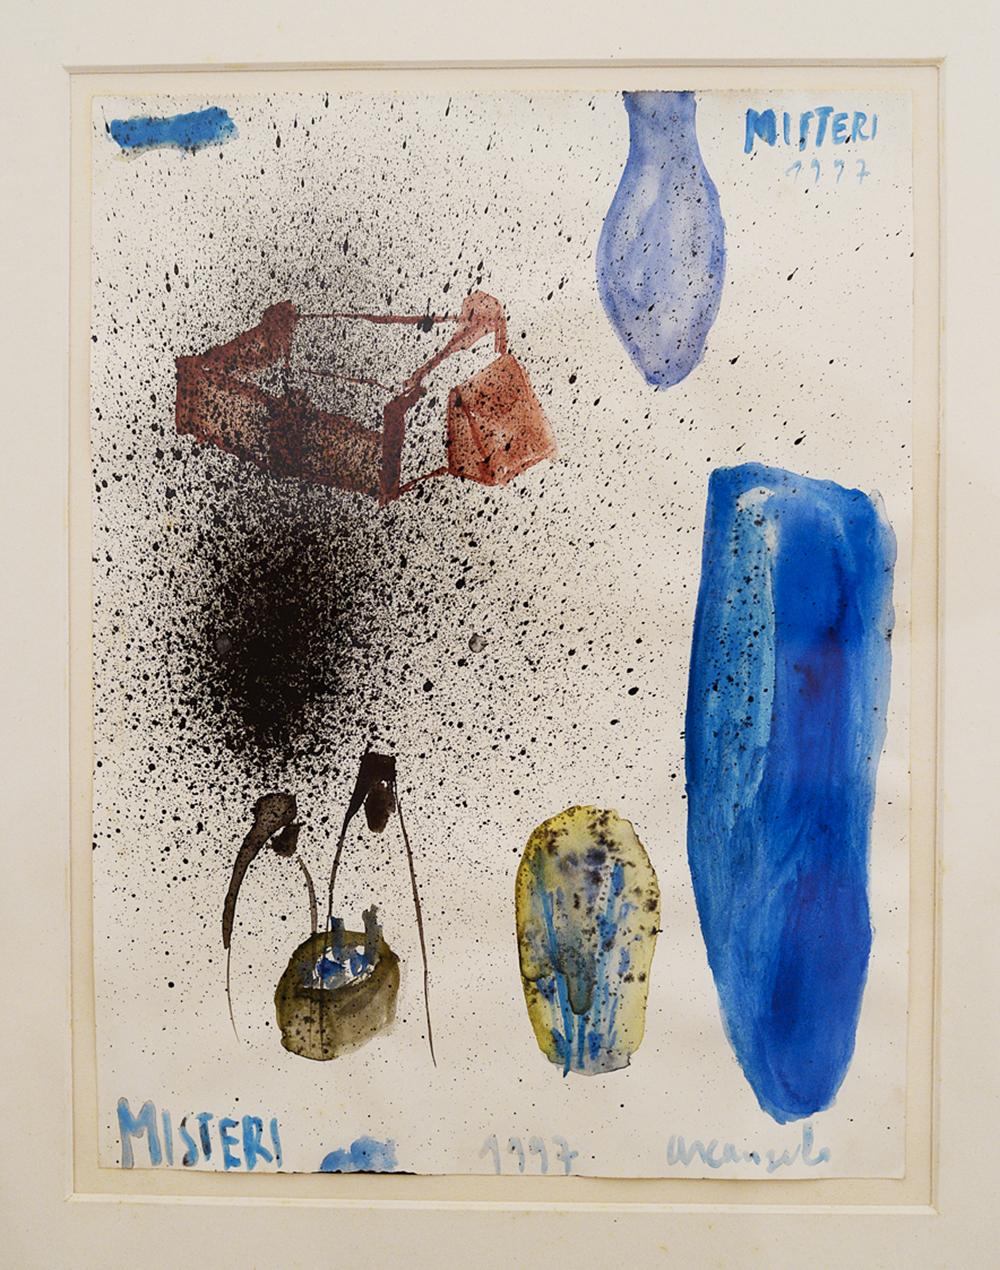 Misteri, 1997, tecnica mista su carta, cm 31x23